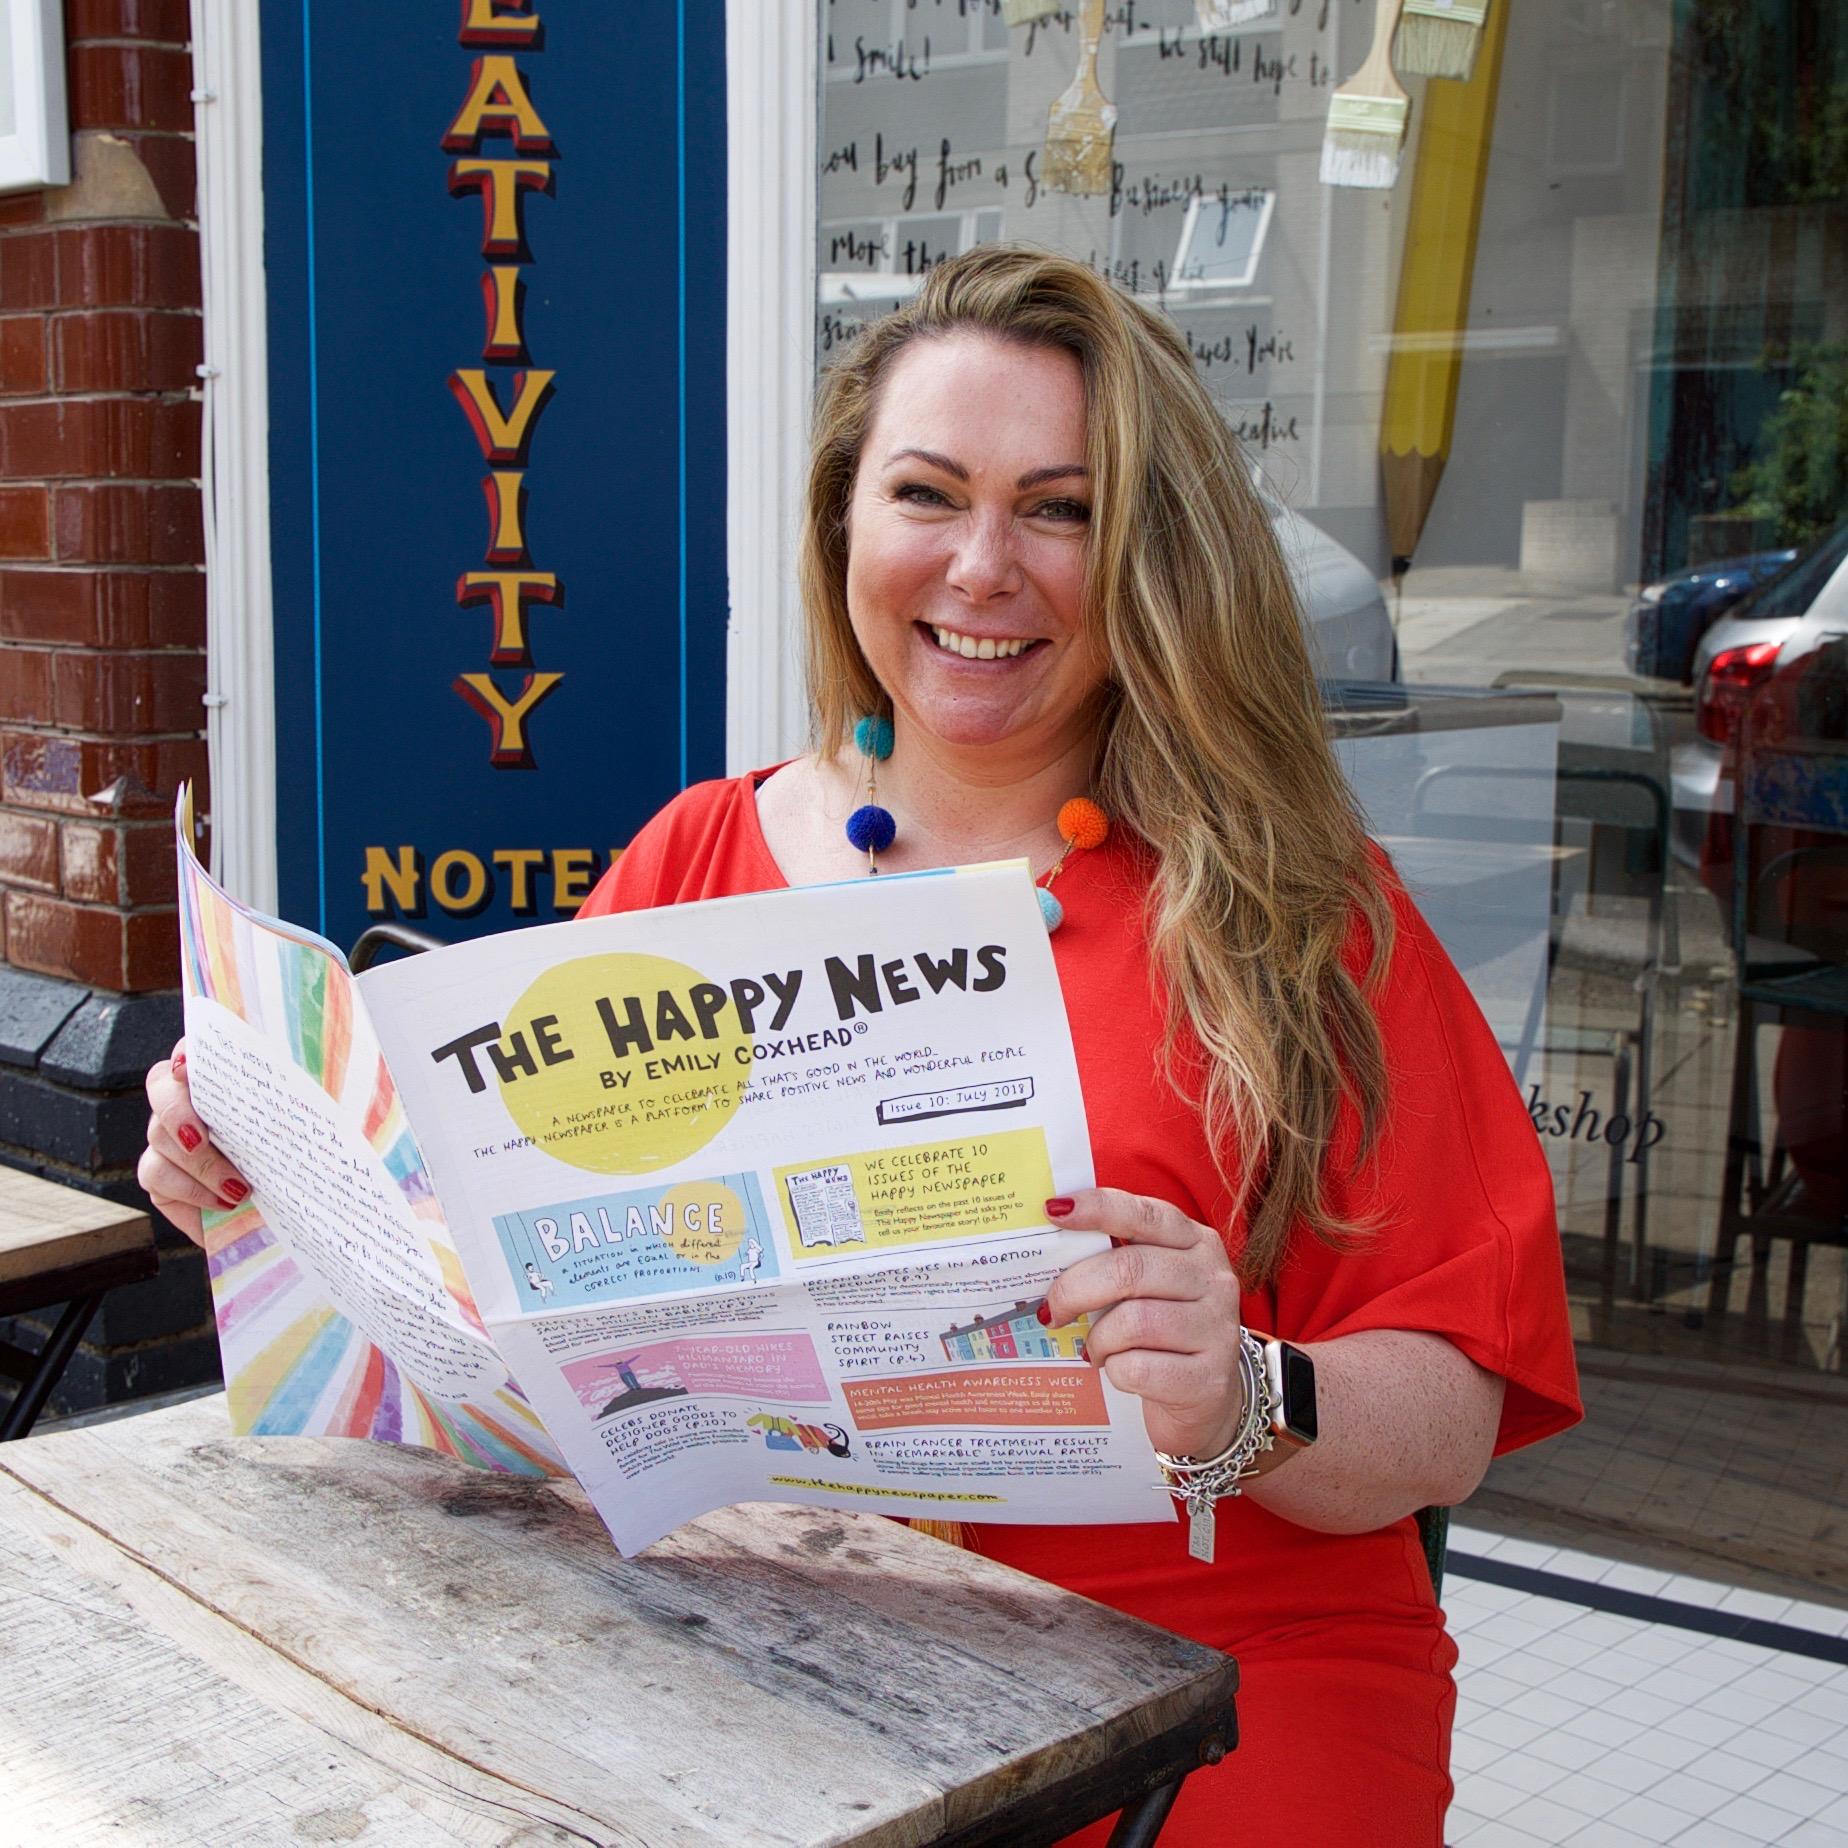 The Happy News Holly Tucker